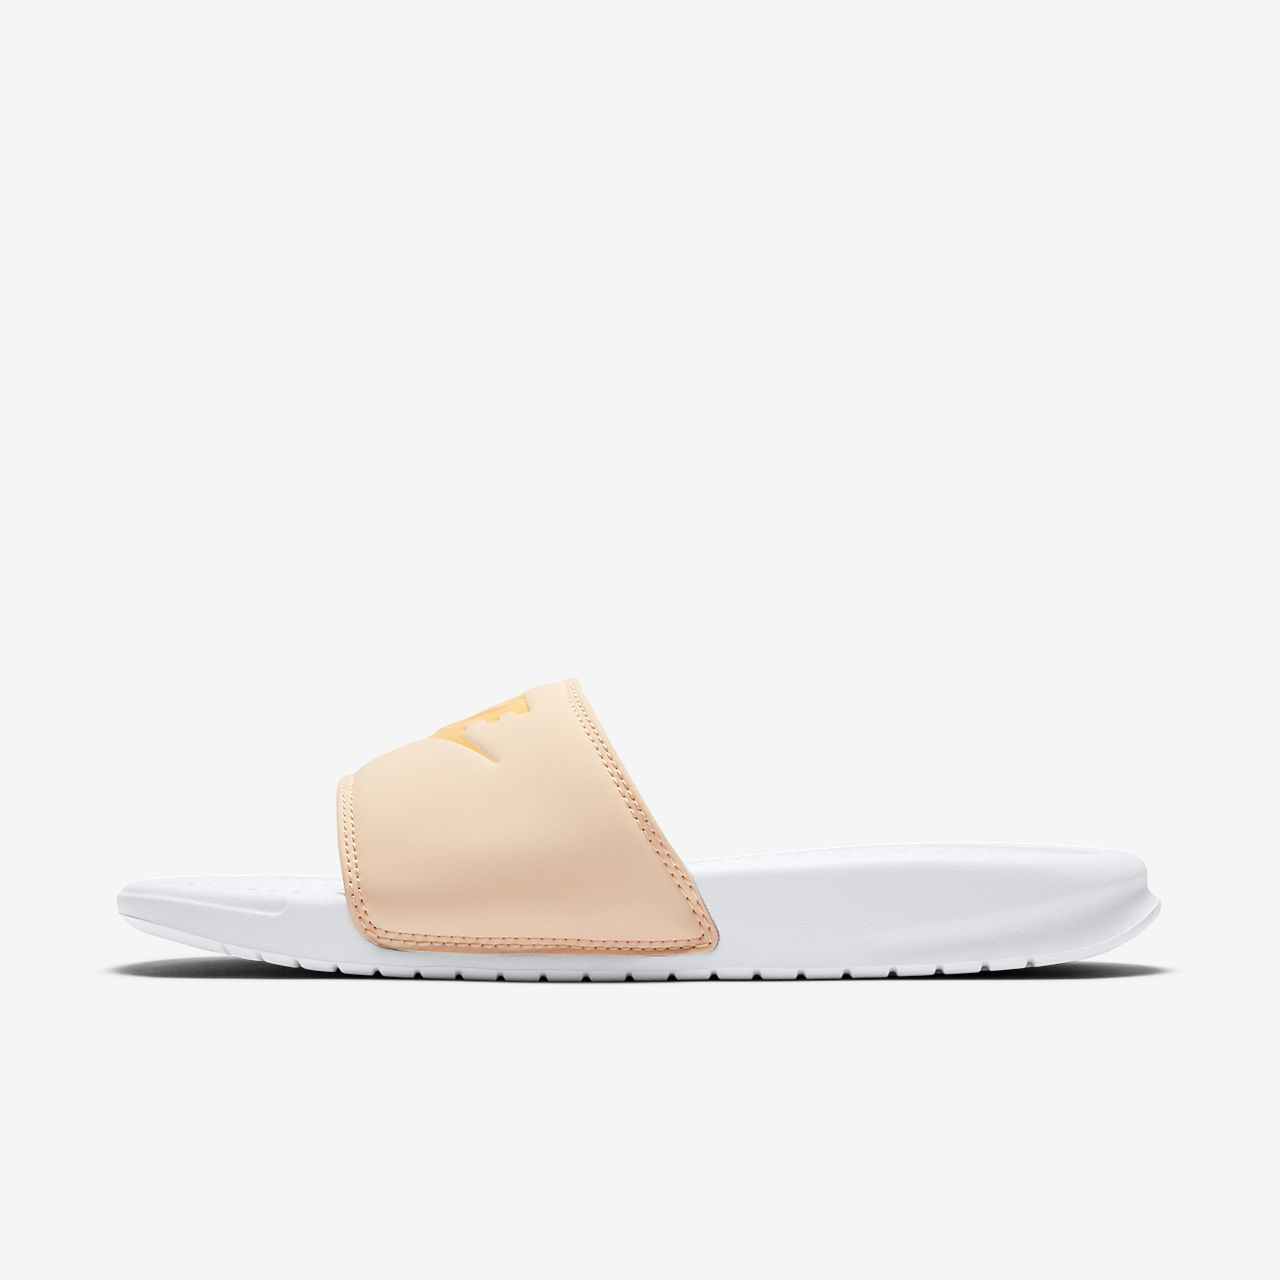 buy popular d2c77 cdf47 ... Claquette Nike Benassi Pastel QS pour Femme